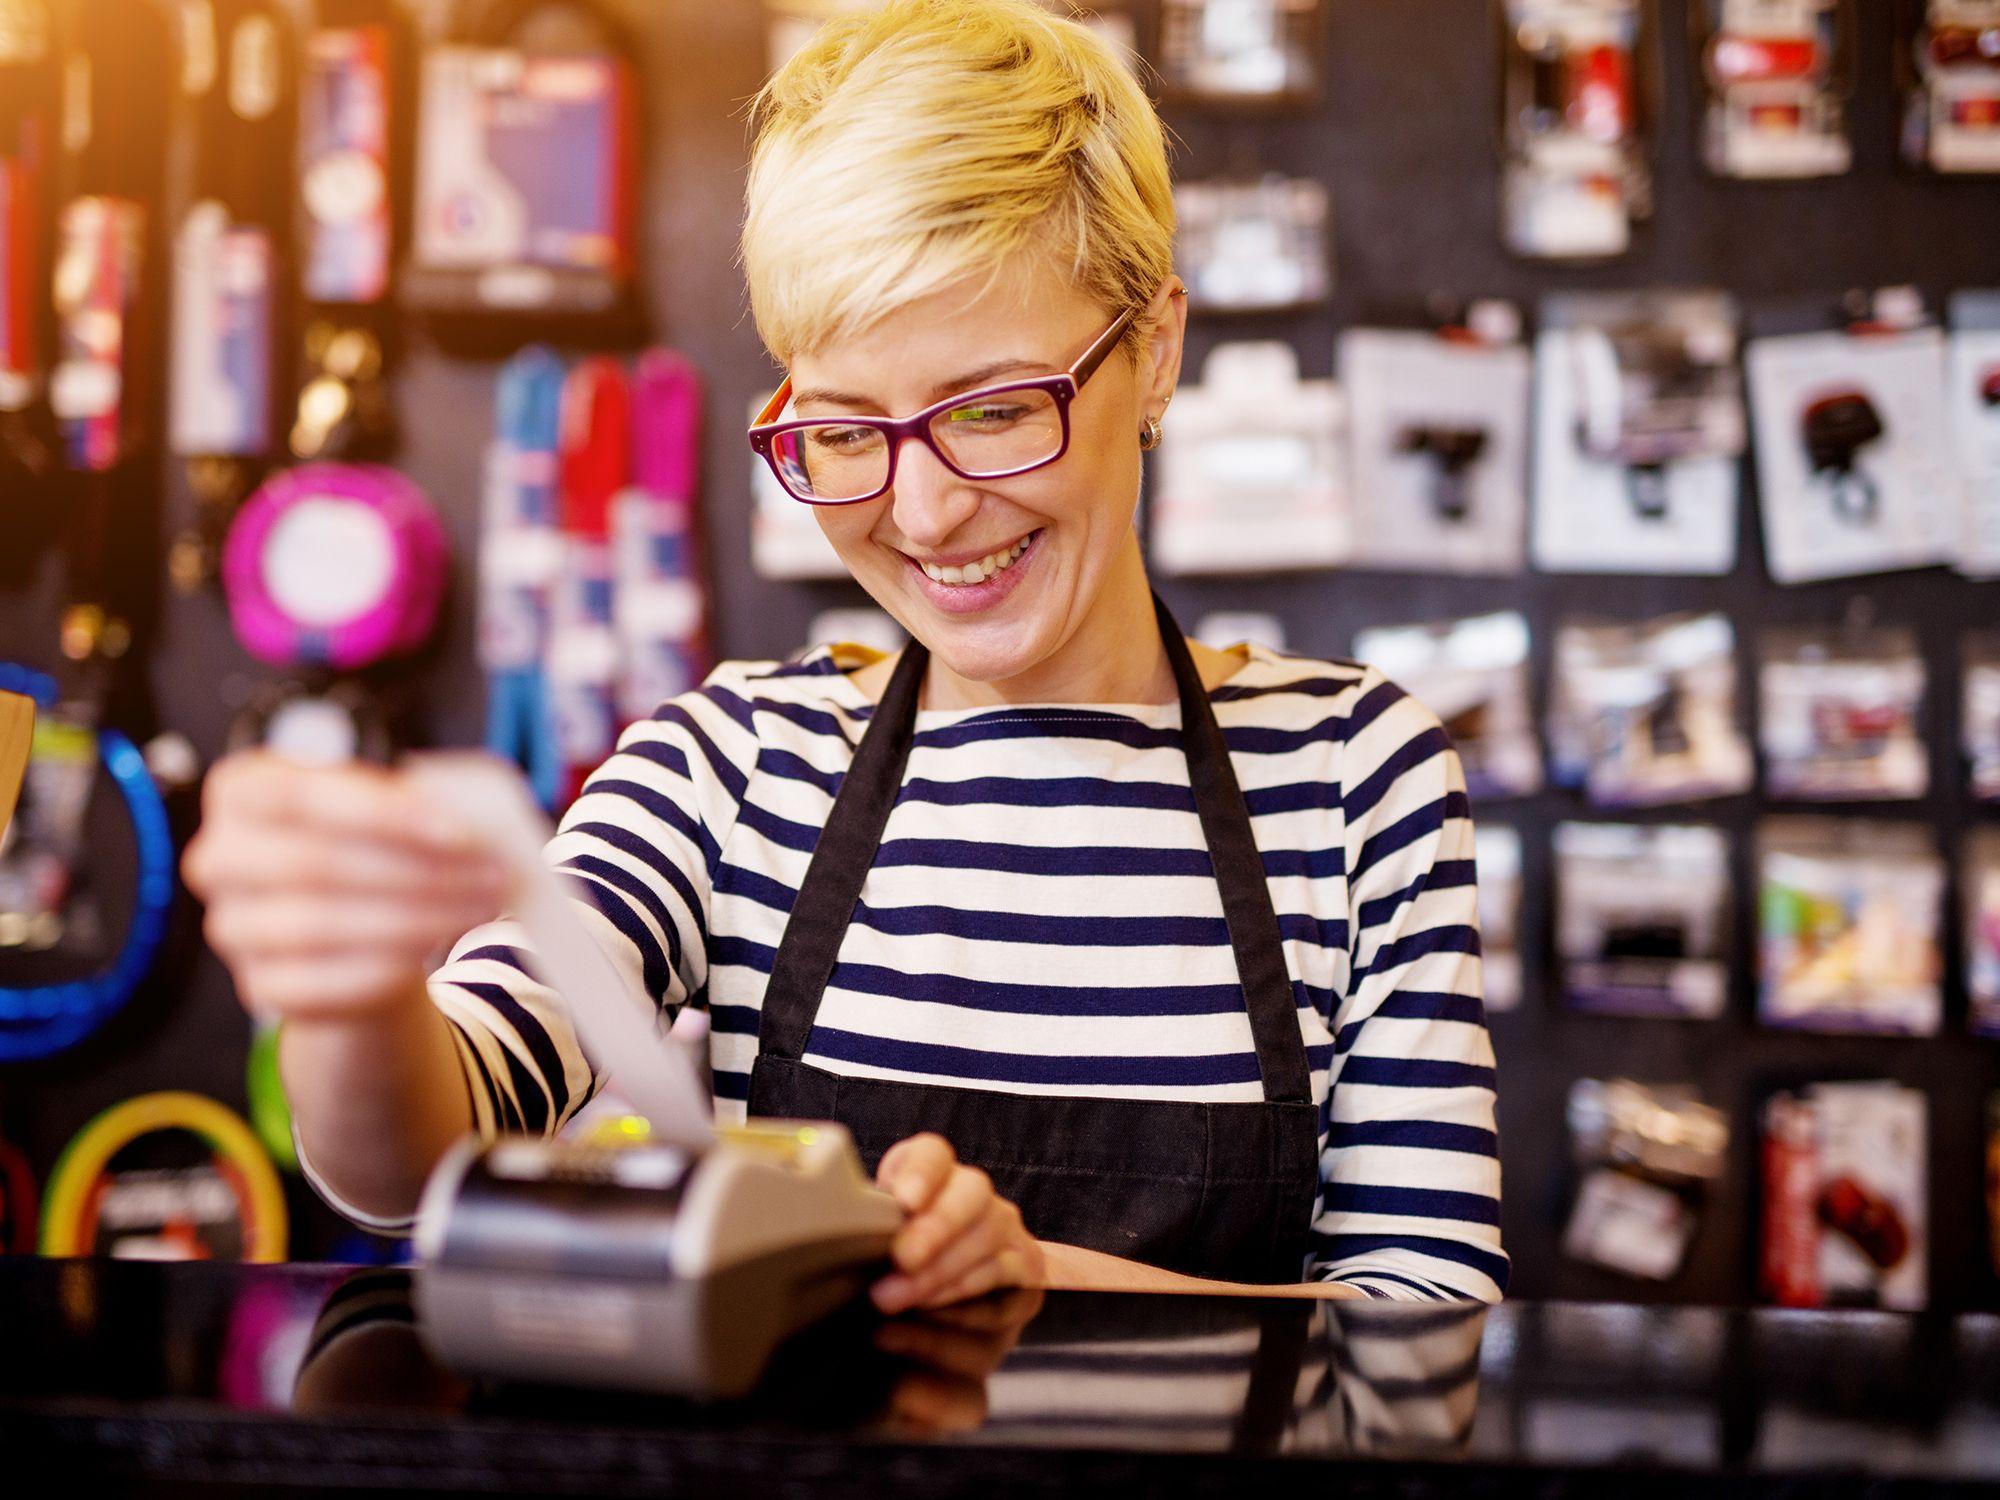 Level 4 - Kassenmitarbeiter wie Kassierer, Kassiererinnen, Kassenaufsicht, Kassenaushilfen, Kassenpersonal, Kassenhilfen, Kassenhelfer, Kassenverwalter und Kassenangestellte zwecks direkter Personalvermittlung oder Zeitarbeit per Arbeitnehmerüberlassung und Personalüberlassung für den Einzelhandel, Kundenservice, Kassenbetrieb, Vertrieb, Direktvertrieb, Vertriebsberatung, Verkaufsinnendienst, Verkaufsabteilung und Großhandel finden und buchen